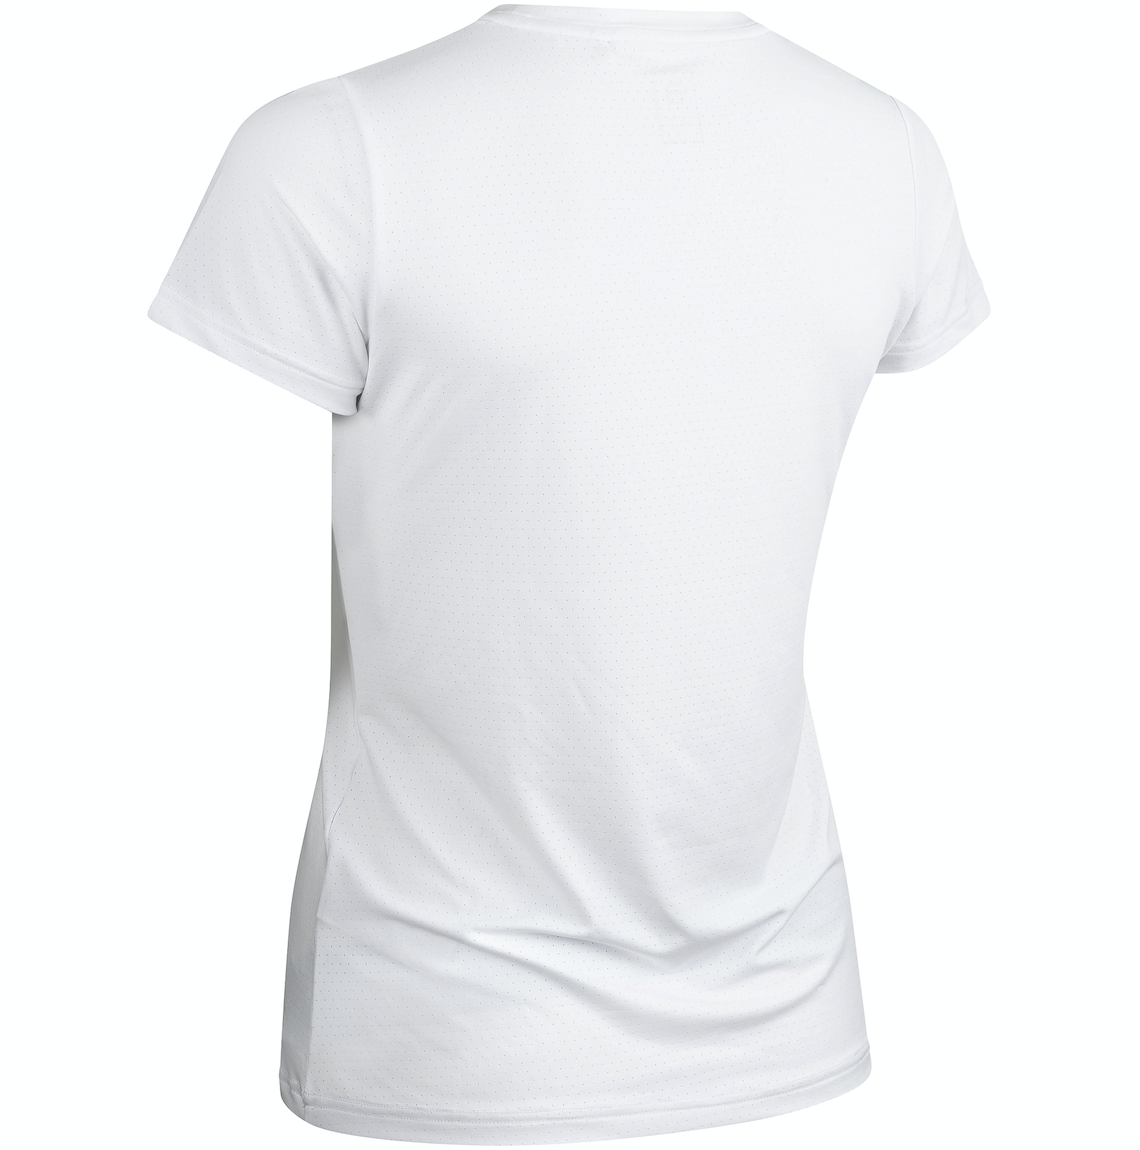 Bilde av Dæhlie t-shirt Focus 332542 1300R brilliant white